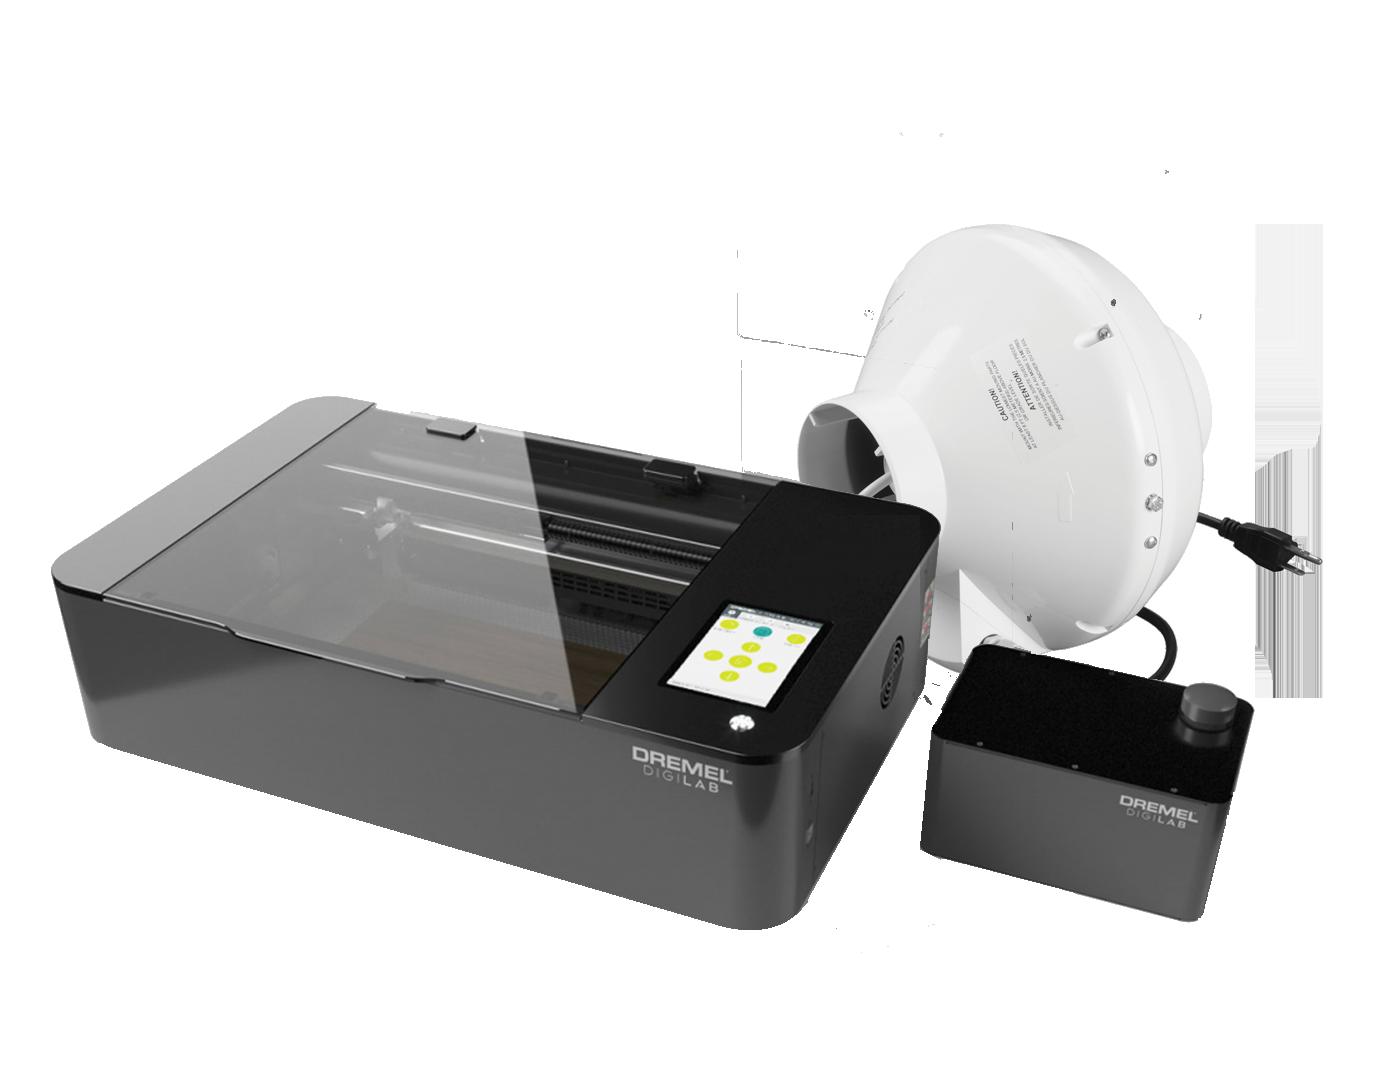 Dremel Laser with Booster Fan